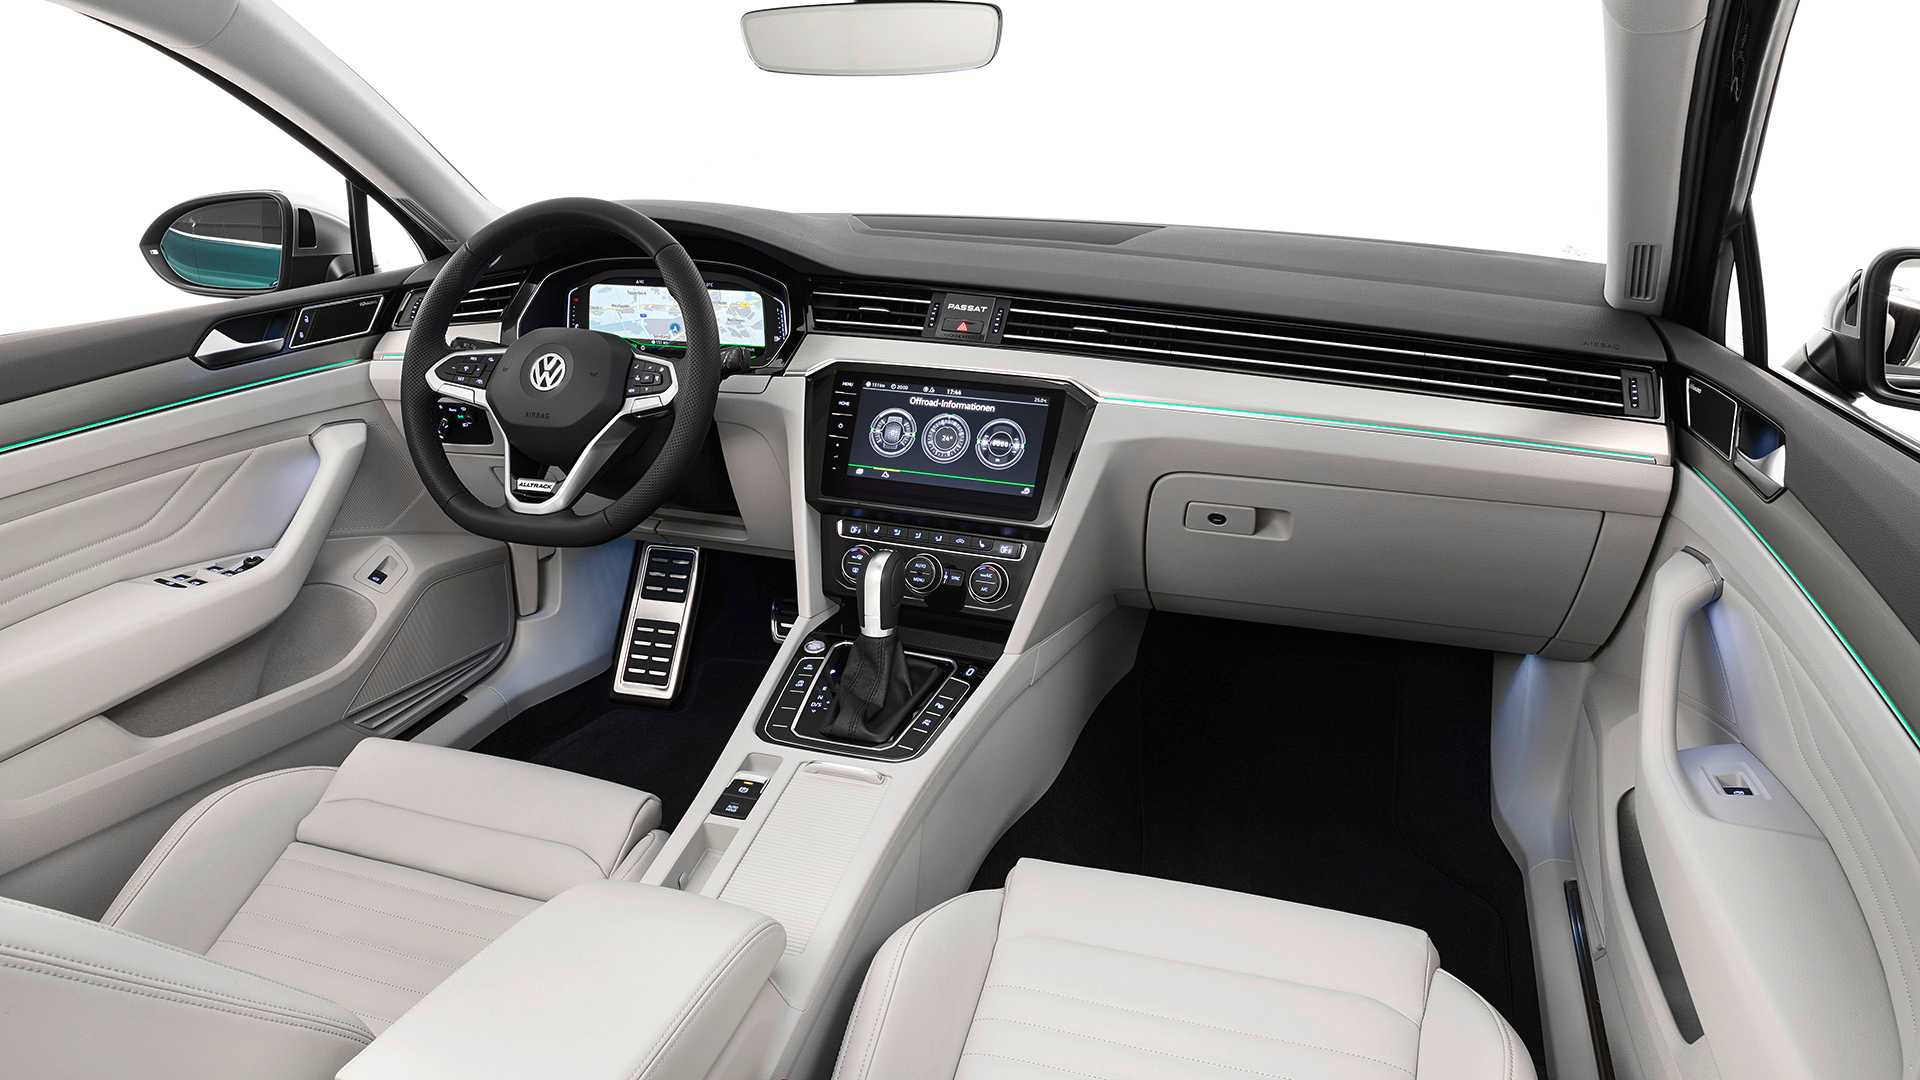 Yeni Volkswagen Passat ozelikleri / 2020 Volkswagen Passat